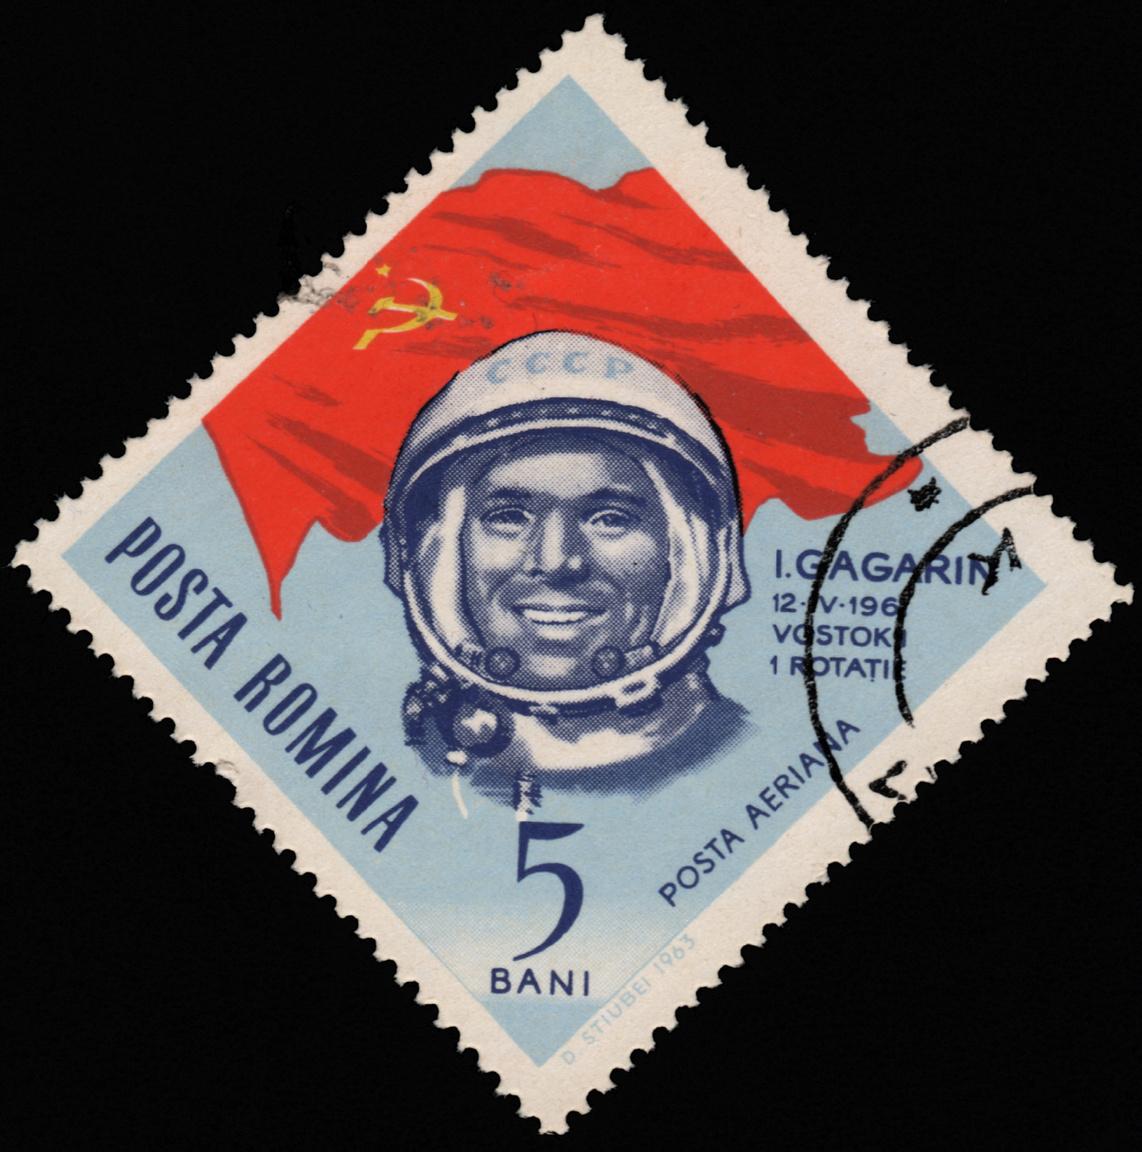 Ötbanis román bélyeg 1963-ból